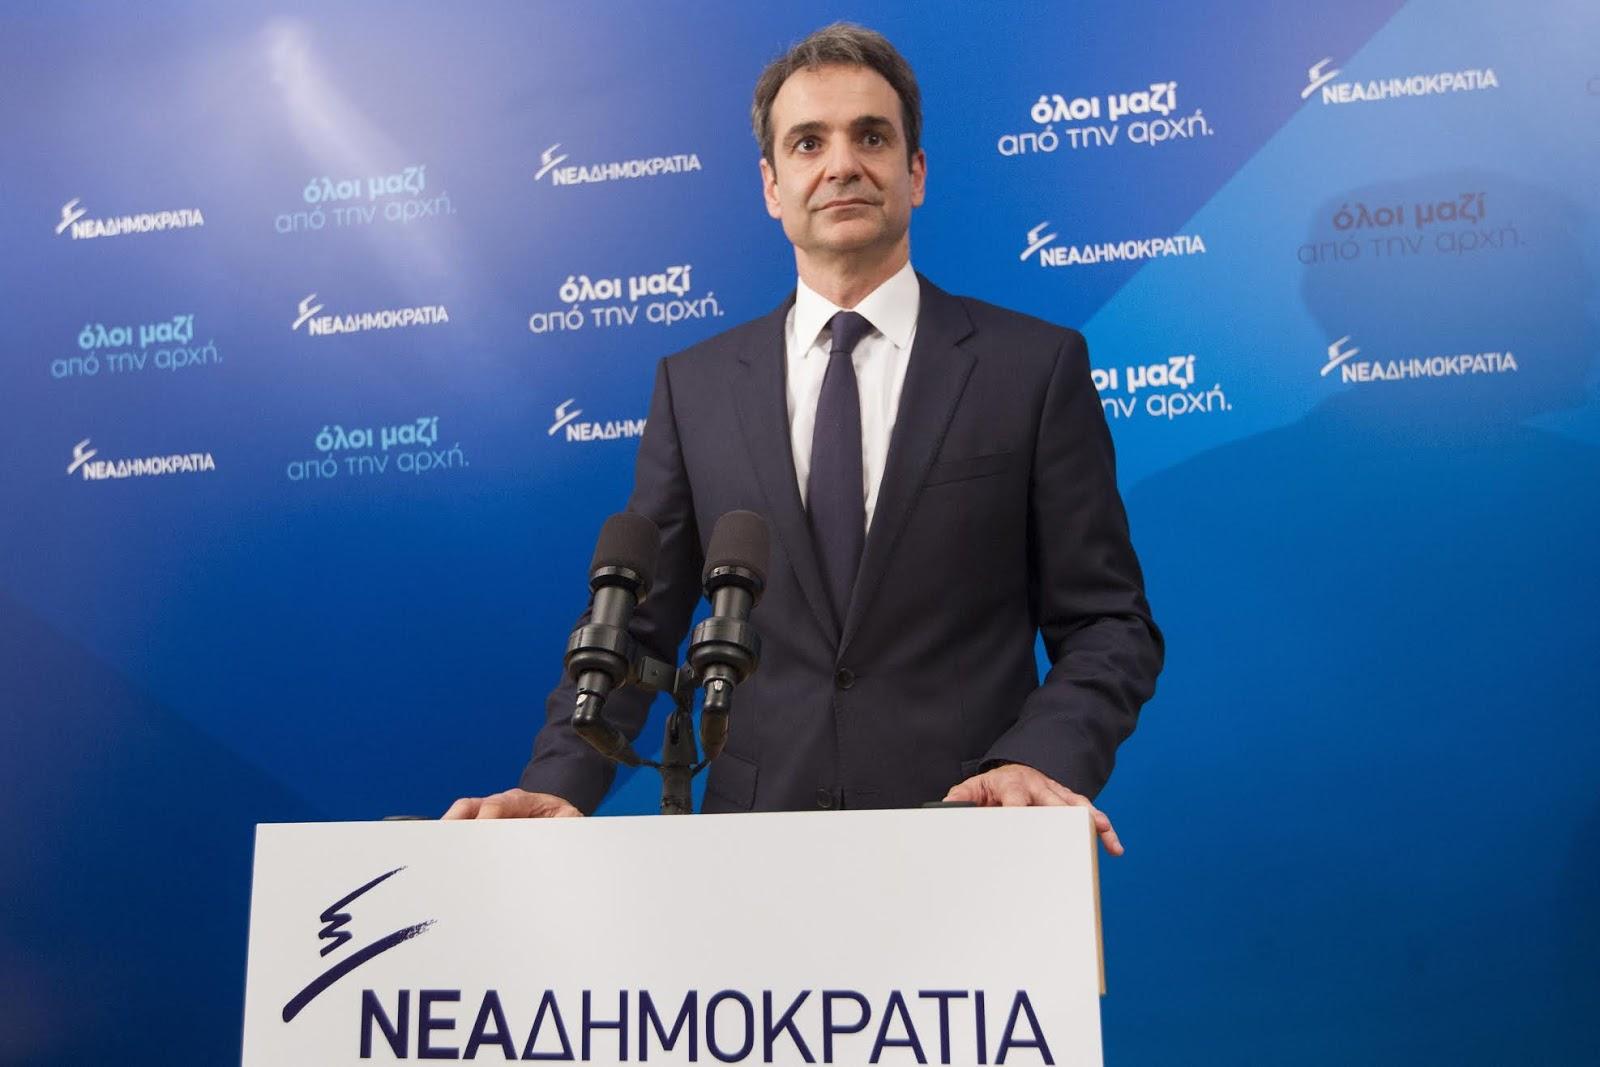 ΕΓΓΡΑΦΑ-Ποσο ΛΙΓΟΙ ειναι????Αποκαλύπτουμε τον Μητσοτάκη: Όταν με ερώτηση του απαιτούσε να ονομάζεται η γειτονική χώρα Μακεδονία!